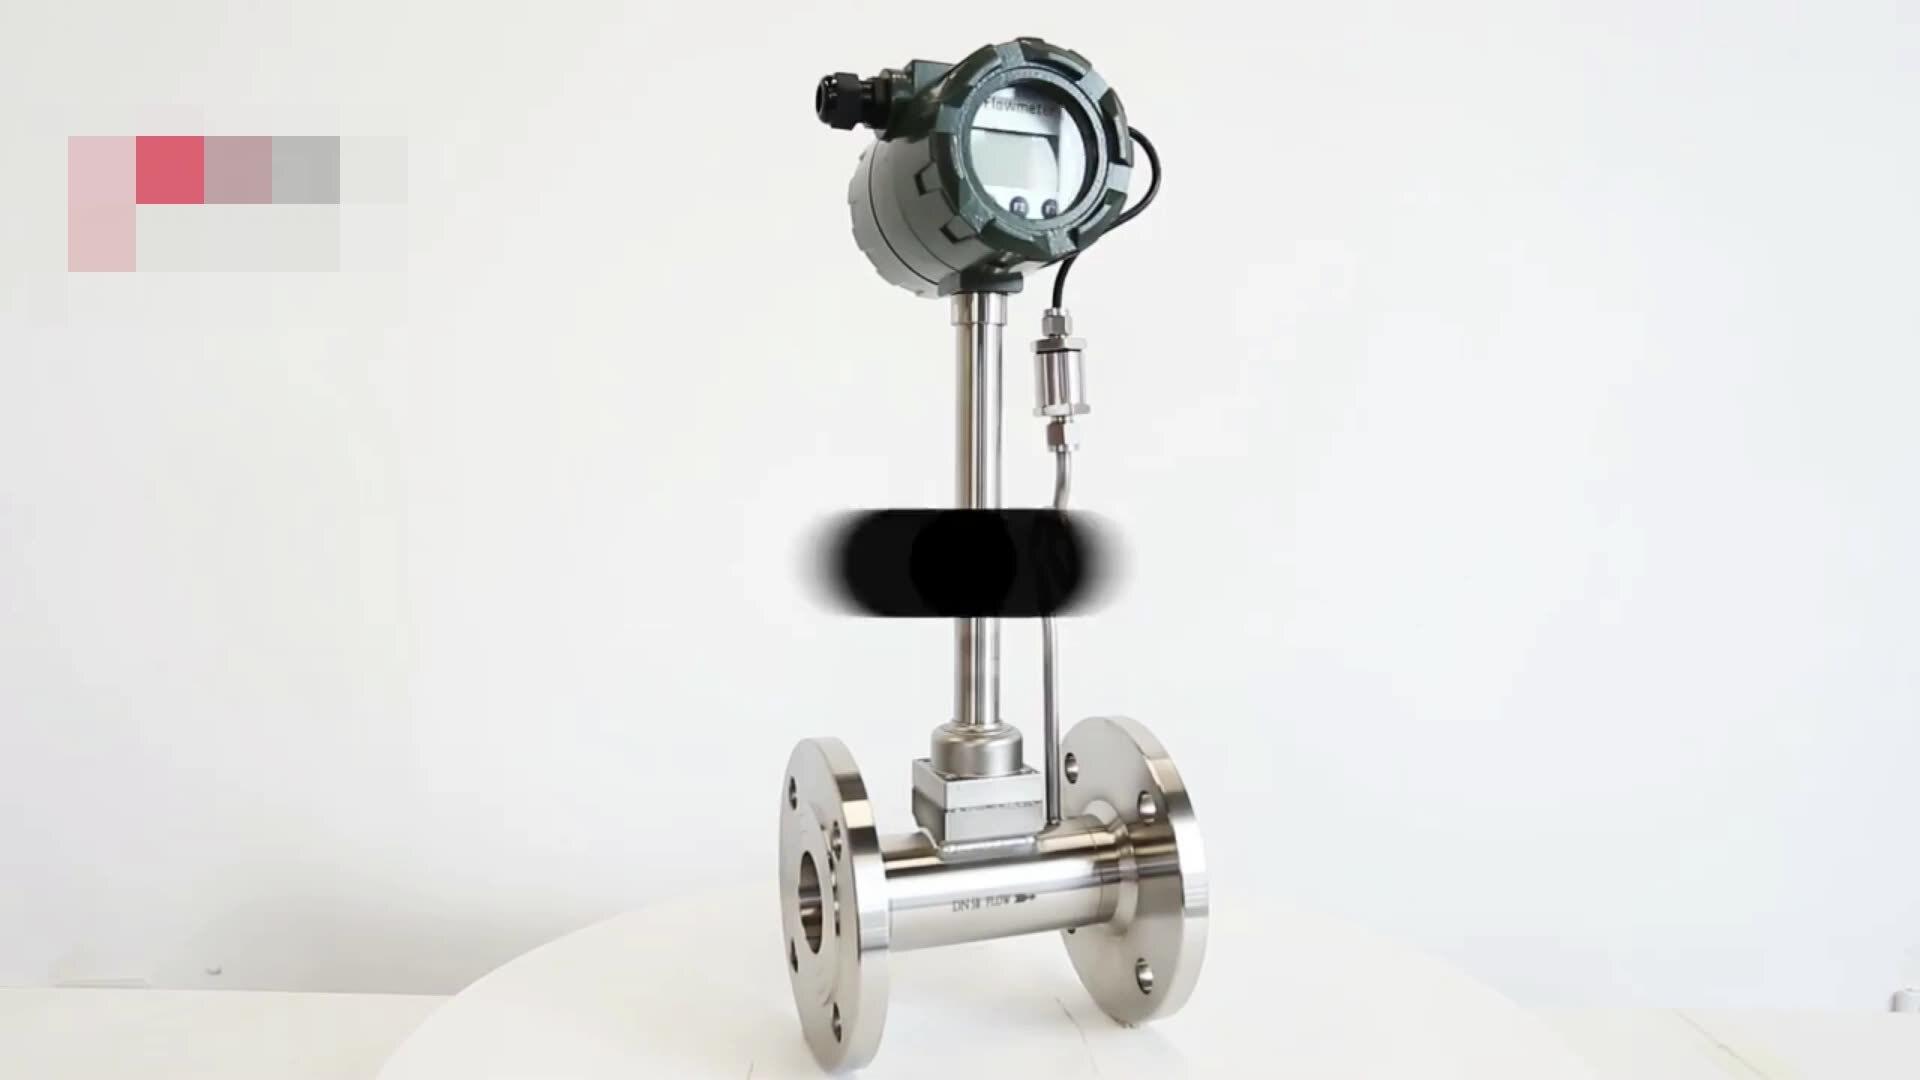 Высокотемпературное цифровое устройство для измерения газа и воды DN15, вихревой расходомер, датчик расходомера